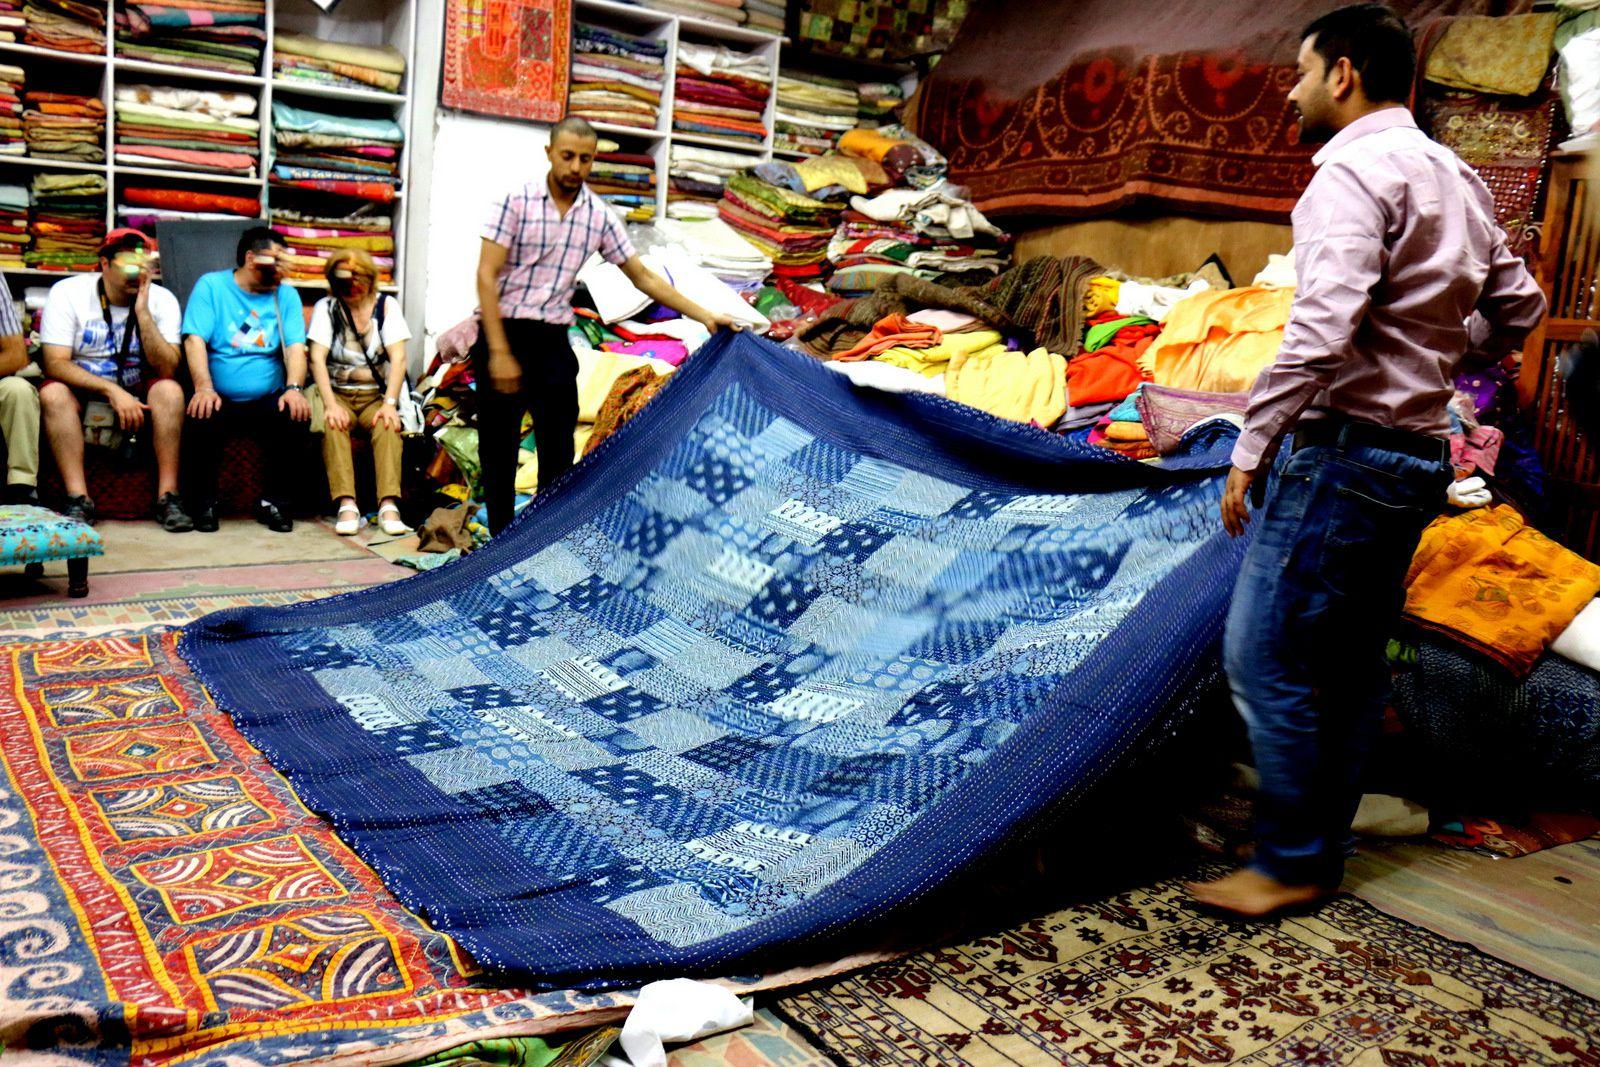 Maharani Textile (salle de vente des textiles), Jodhpur (Inde)